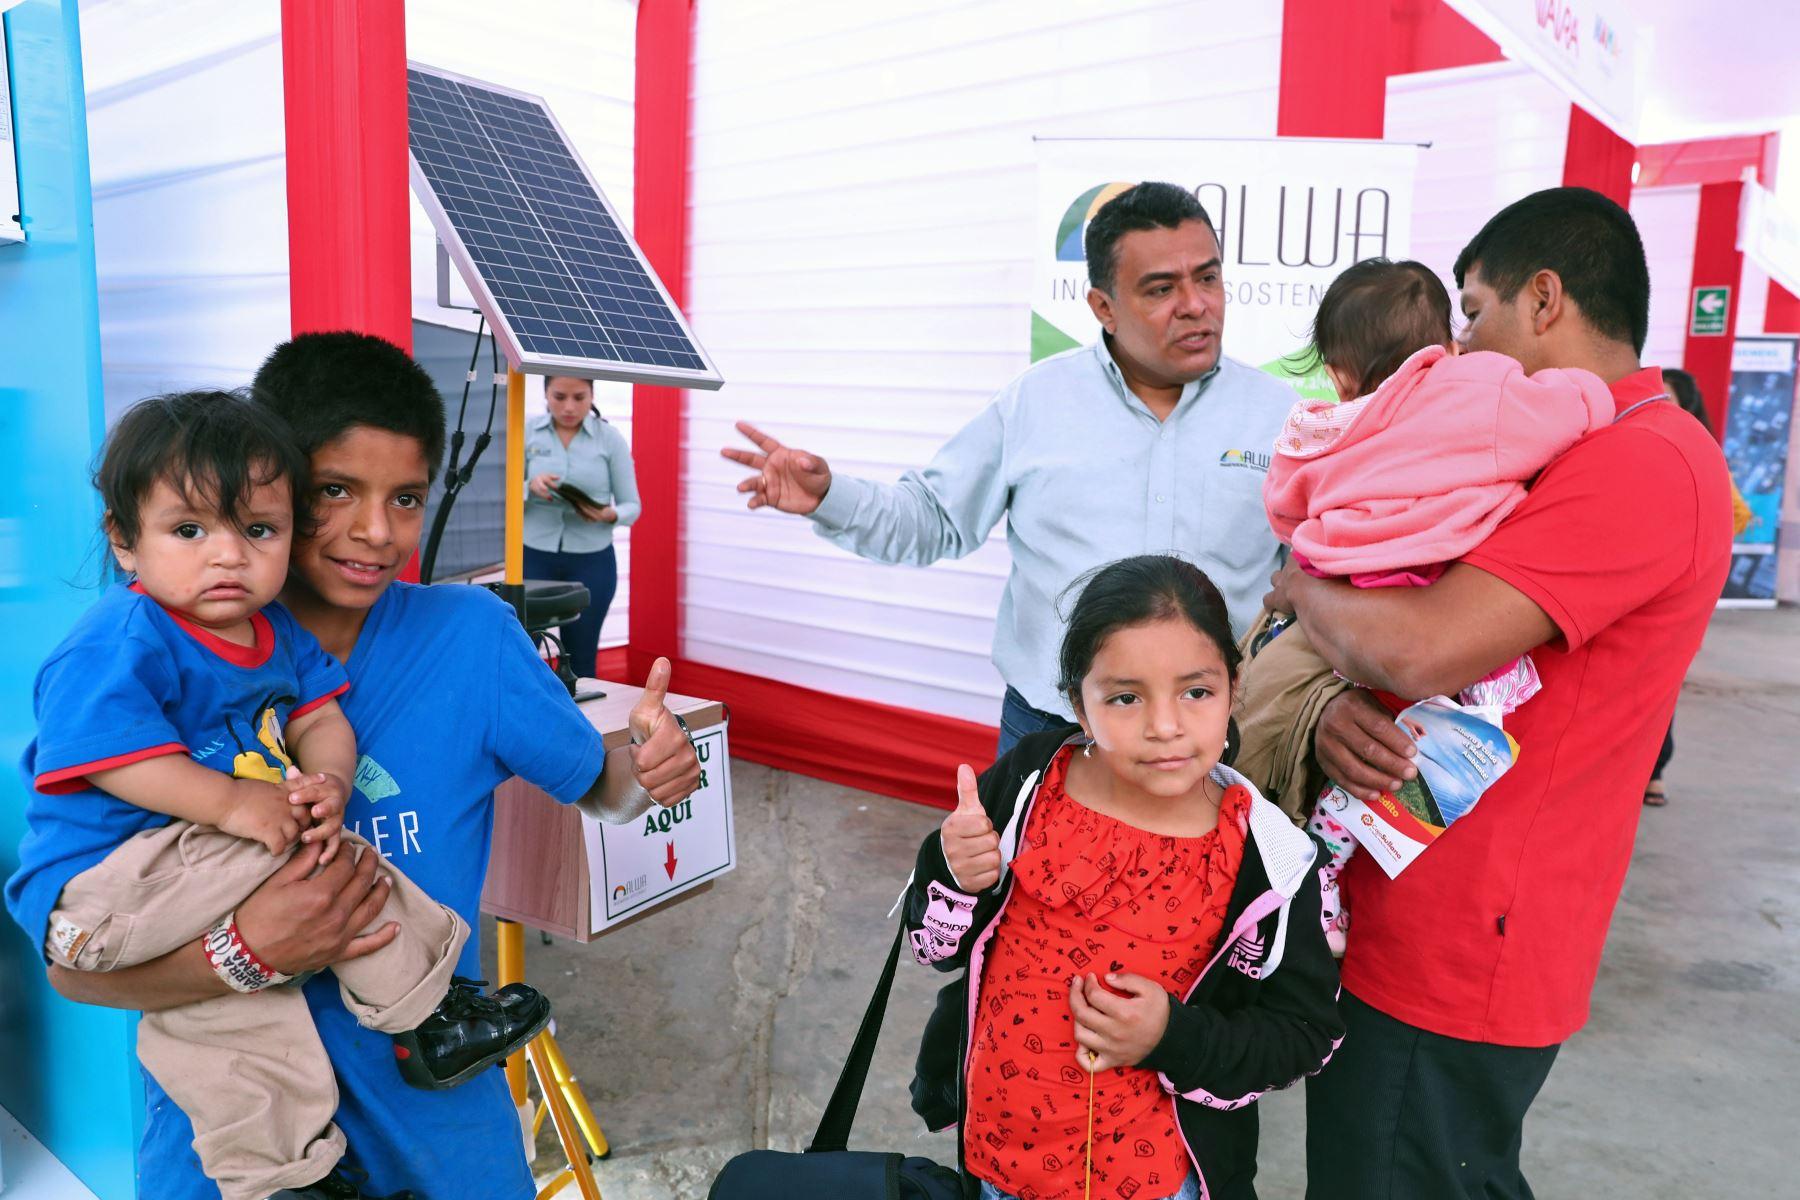 Ministro de Energía y Minas, Francisco Ísmodes inaugura Feria de Tecnologías Limpias y Eficientes en Piura con el objetivo de promover medidas de ahorro energético desde el hogar en contra del cambio climático. Foto: ANDINA